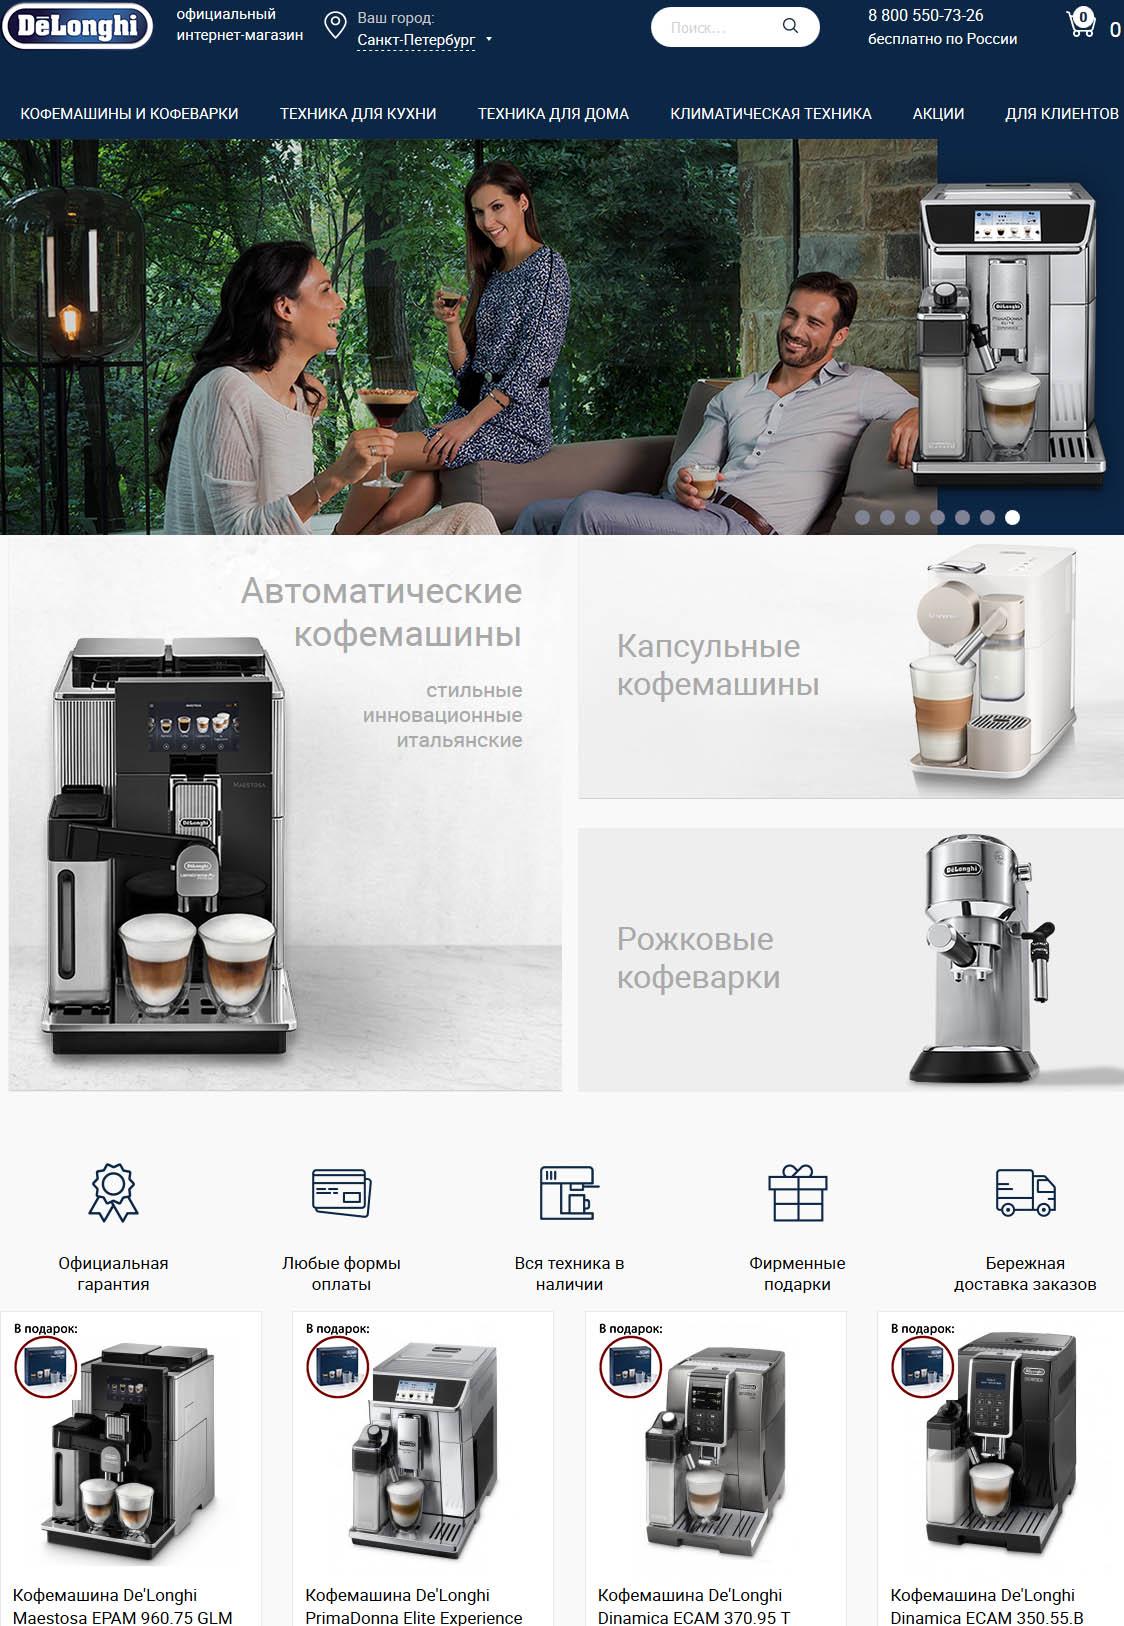 Техника для дома кемерово официальный сайт красивое нижнее женское белье купить в интернете